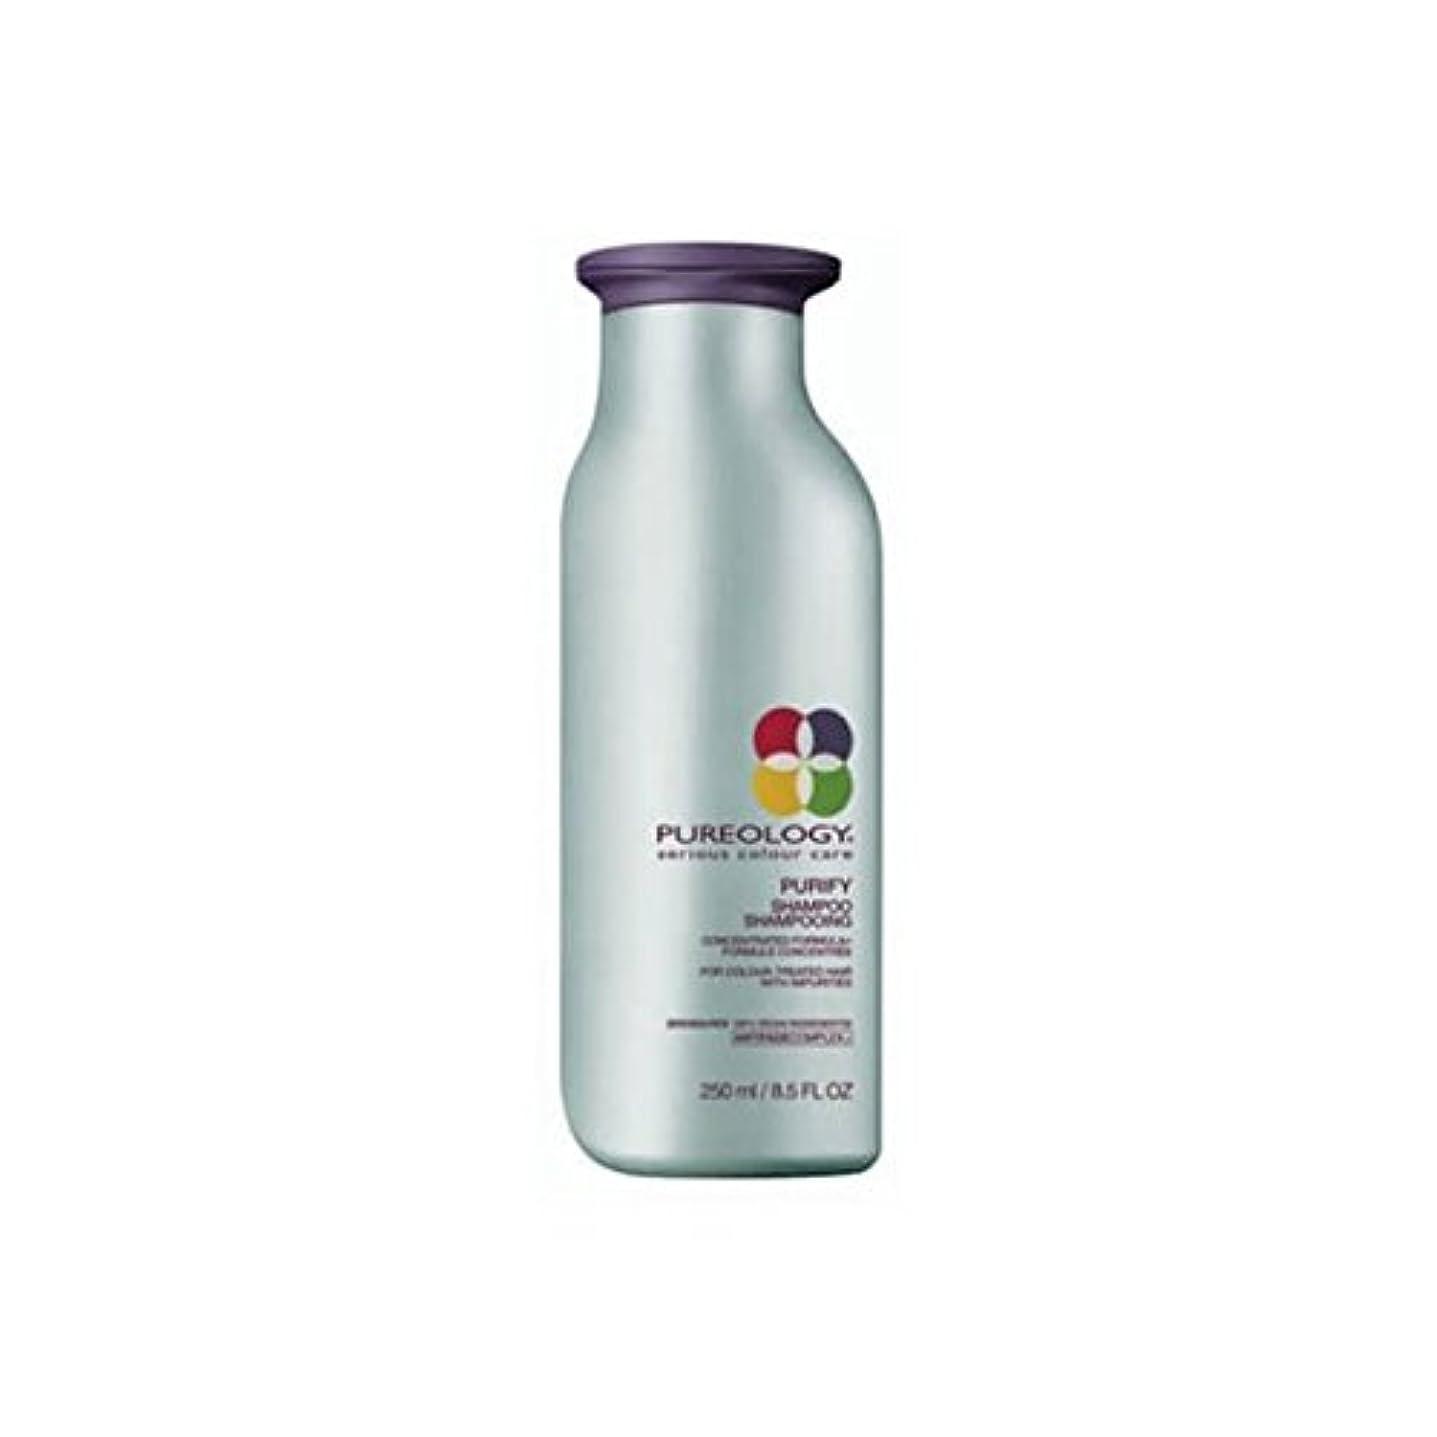 やりがいのある反逆母シャンプー(250ミリリットル)を浄化します x2 - Pureology Purify Shampoo (250ml) (Pack of 2) [並行輸入品]